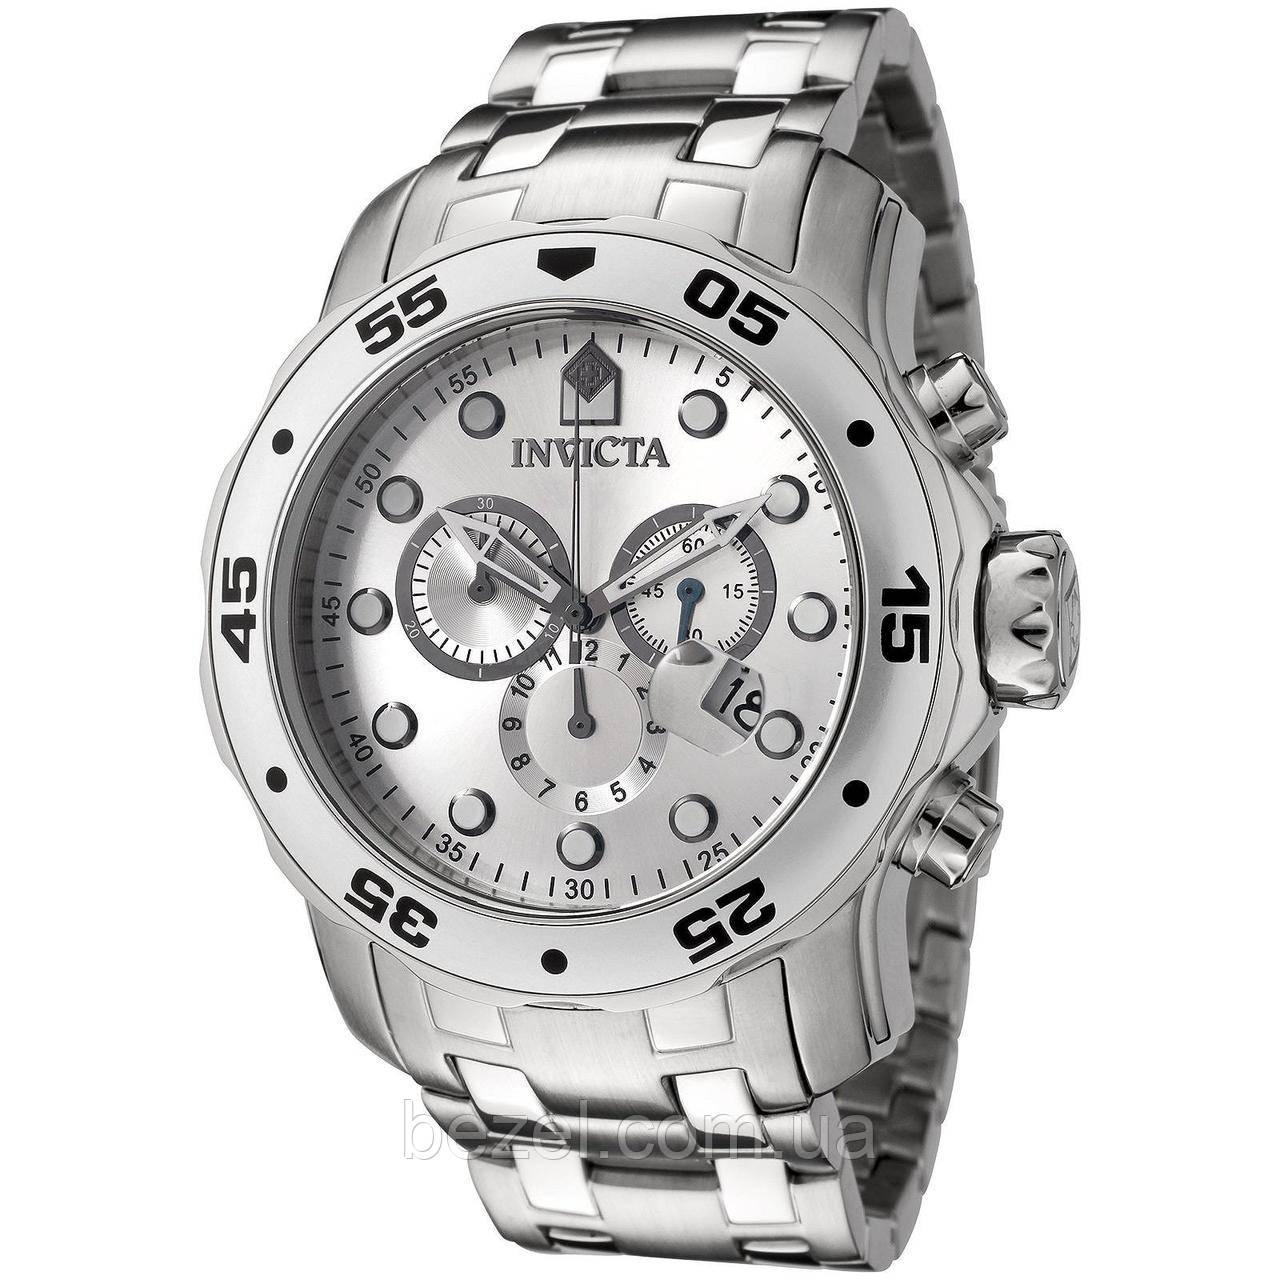 Мужские швейцарские часы INVICTA 0071 Pro Diver Инвикта дайвер водонепроницаемые швейцарские для дайвинга , фото 1